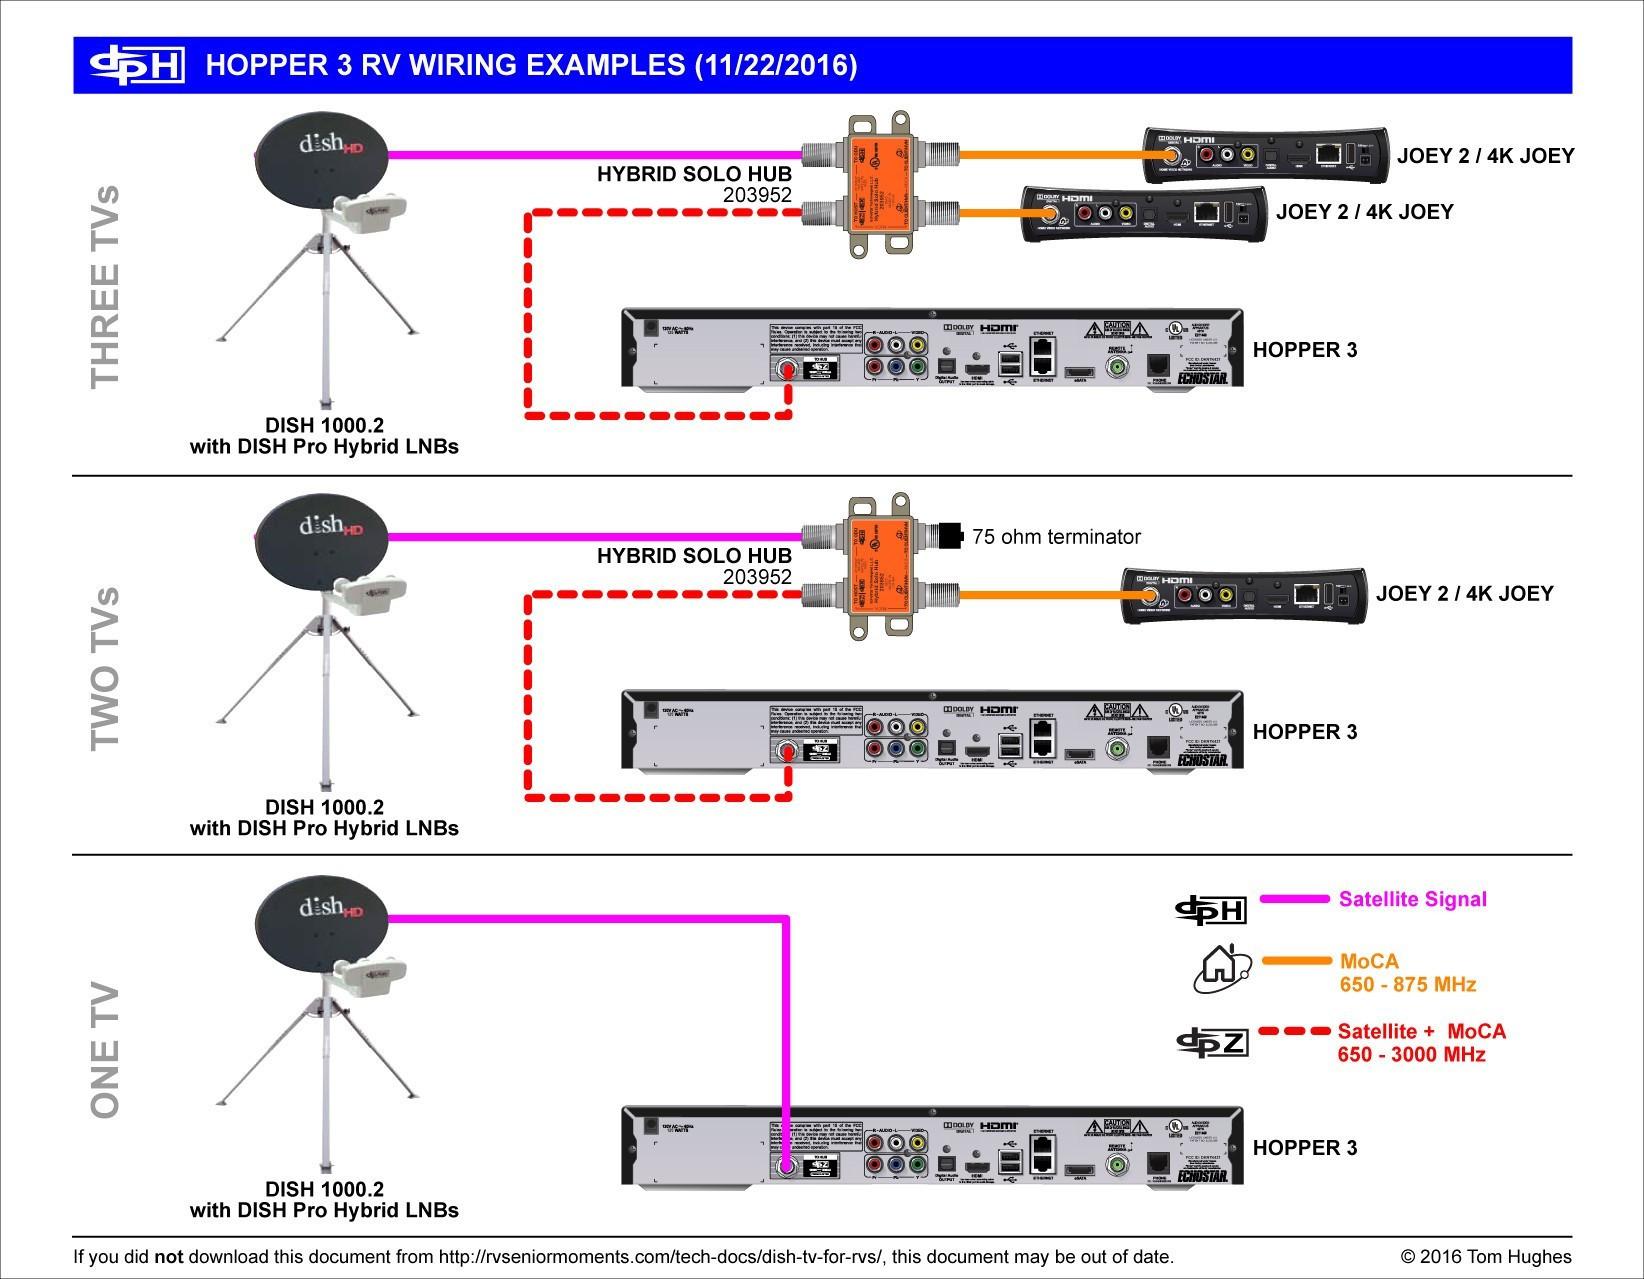 Dish Network Wiring Diagram Inspirational Satellite Dish Wiring Diagram Cinema Paradiso